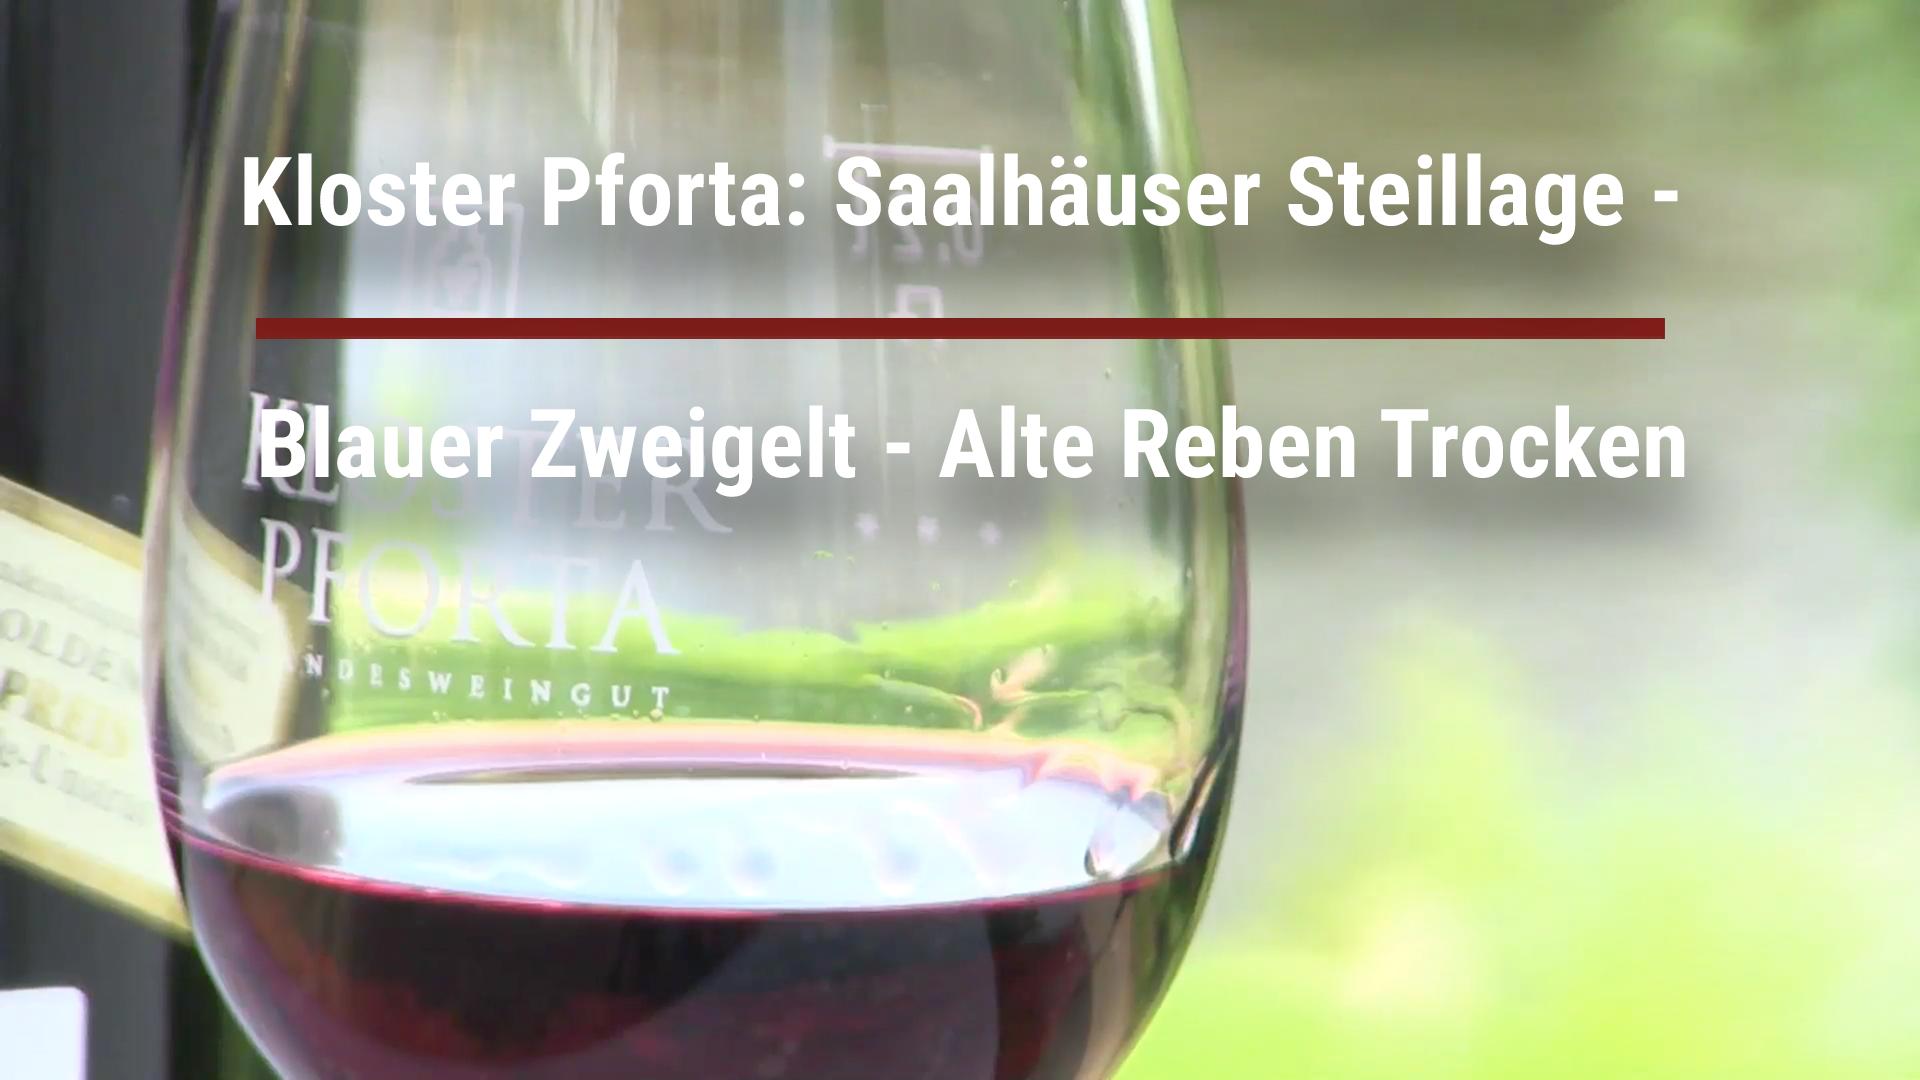 Kloster Pforta: Saalhäuser Steillage – Blauer Zweigelt – Alte Reben Trocken